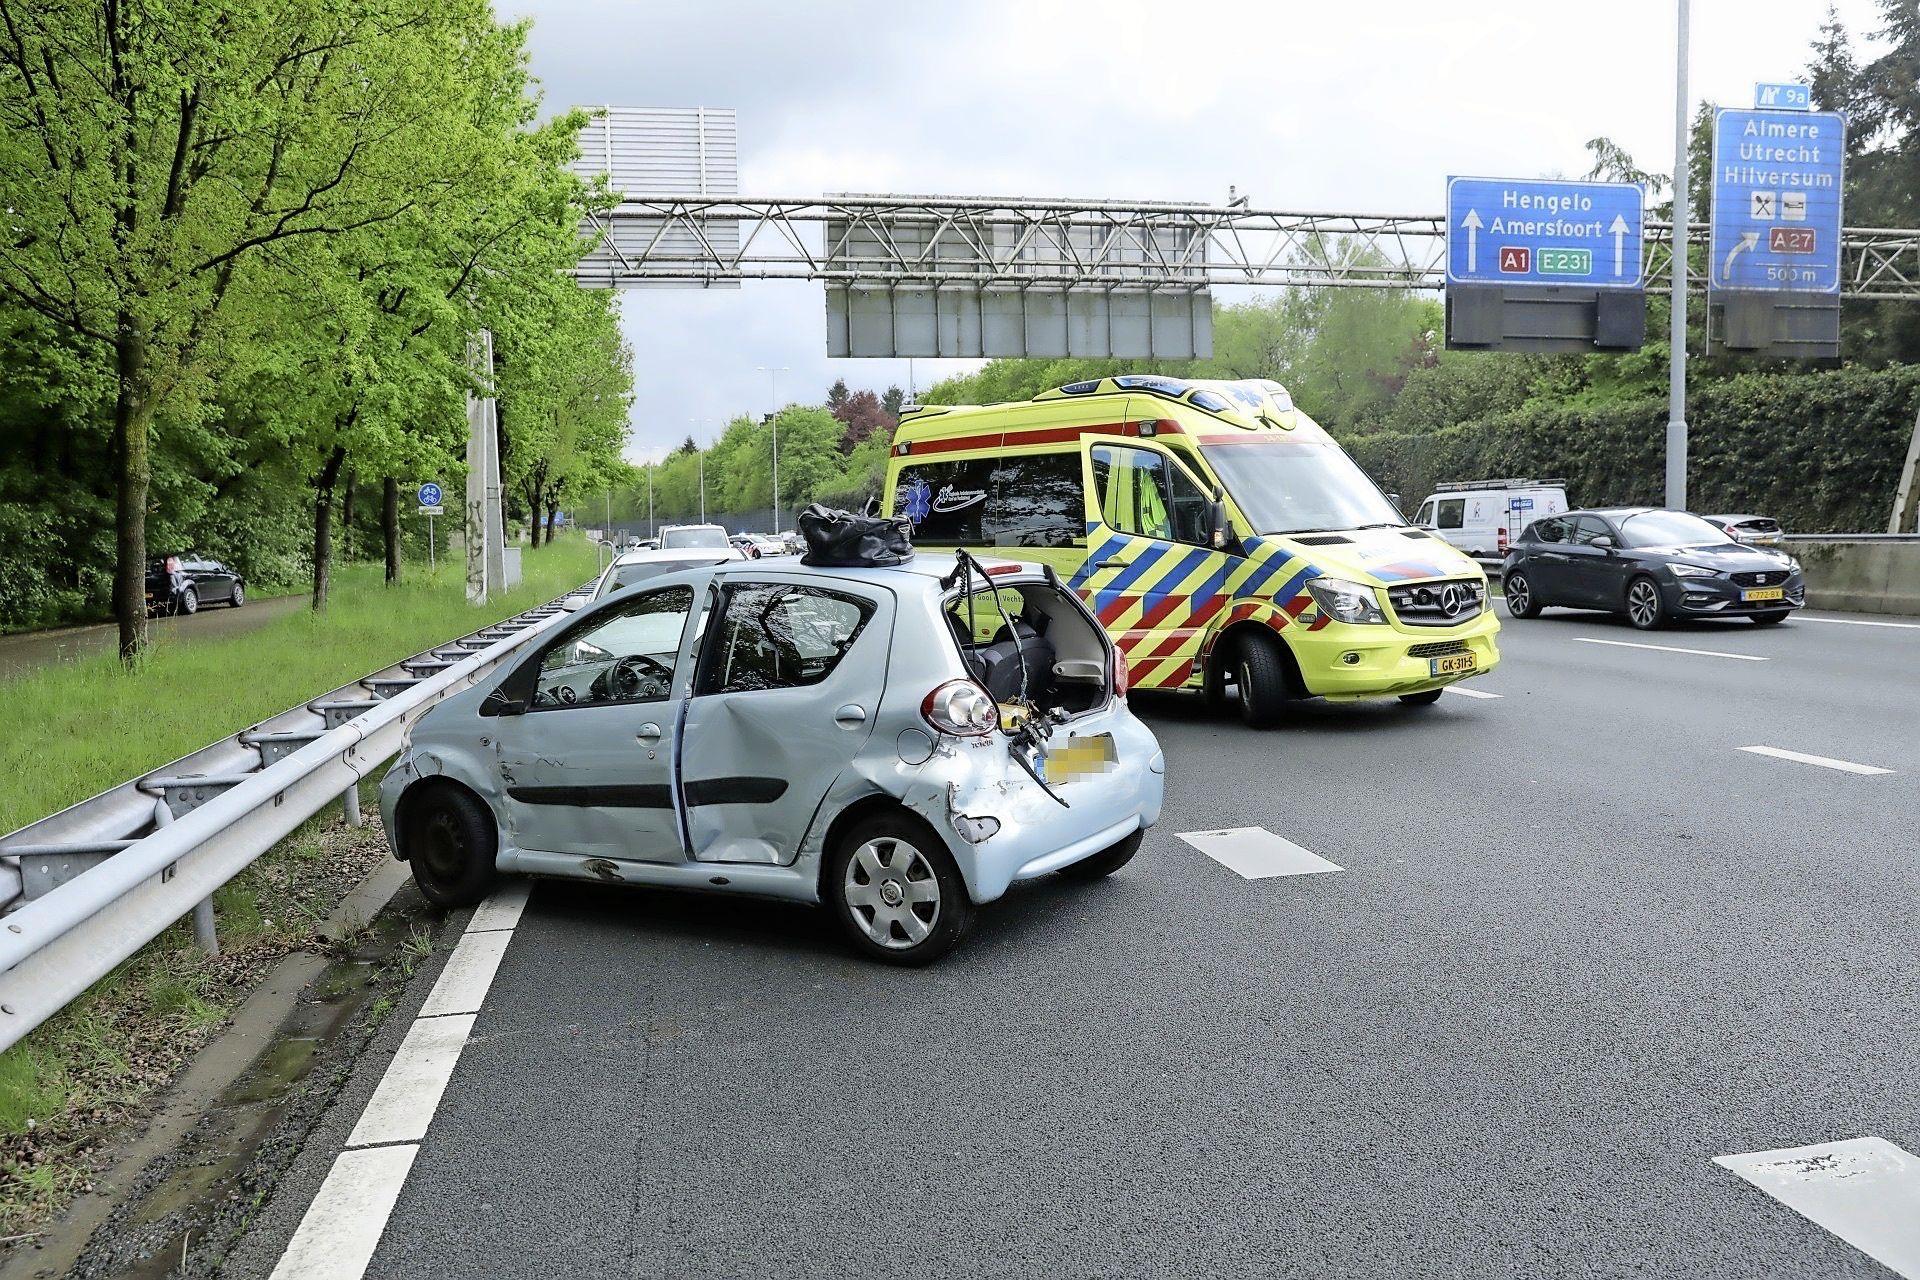 Kleine file en een gewonde op de A1 bij Laren door botsing tussen auto, taxibusje en vrachtwagen